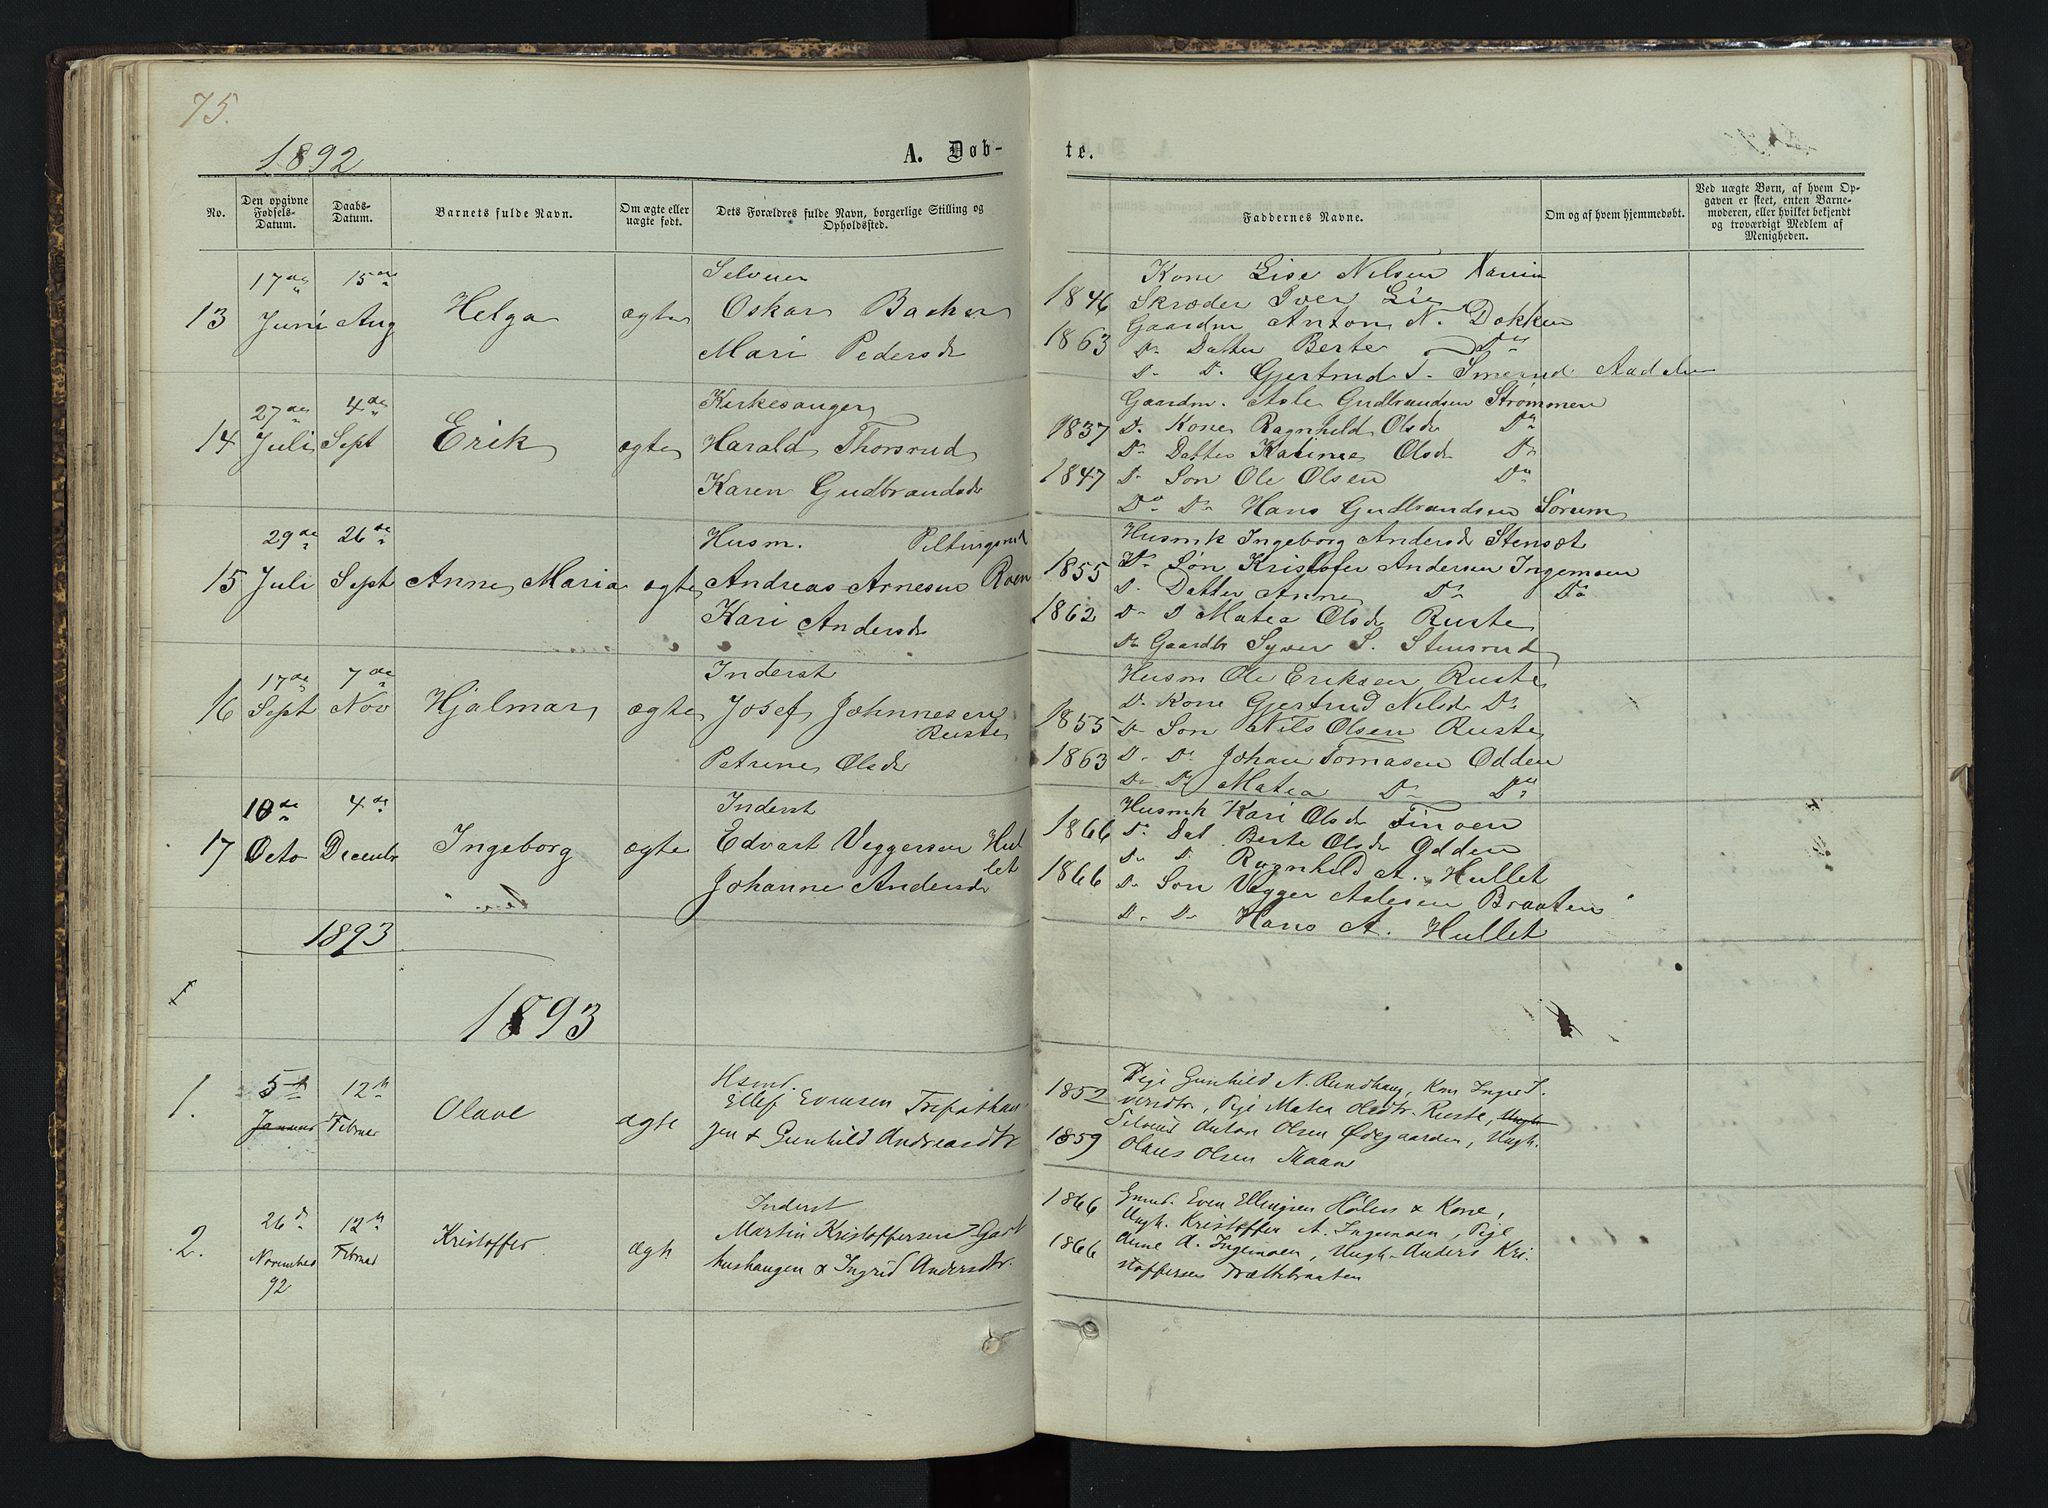 SAH, Sør-Aurdal prestekontor, Klokkerbok nr. 3, 1862-1893, s. 75